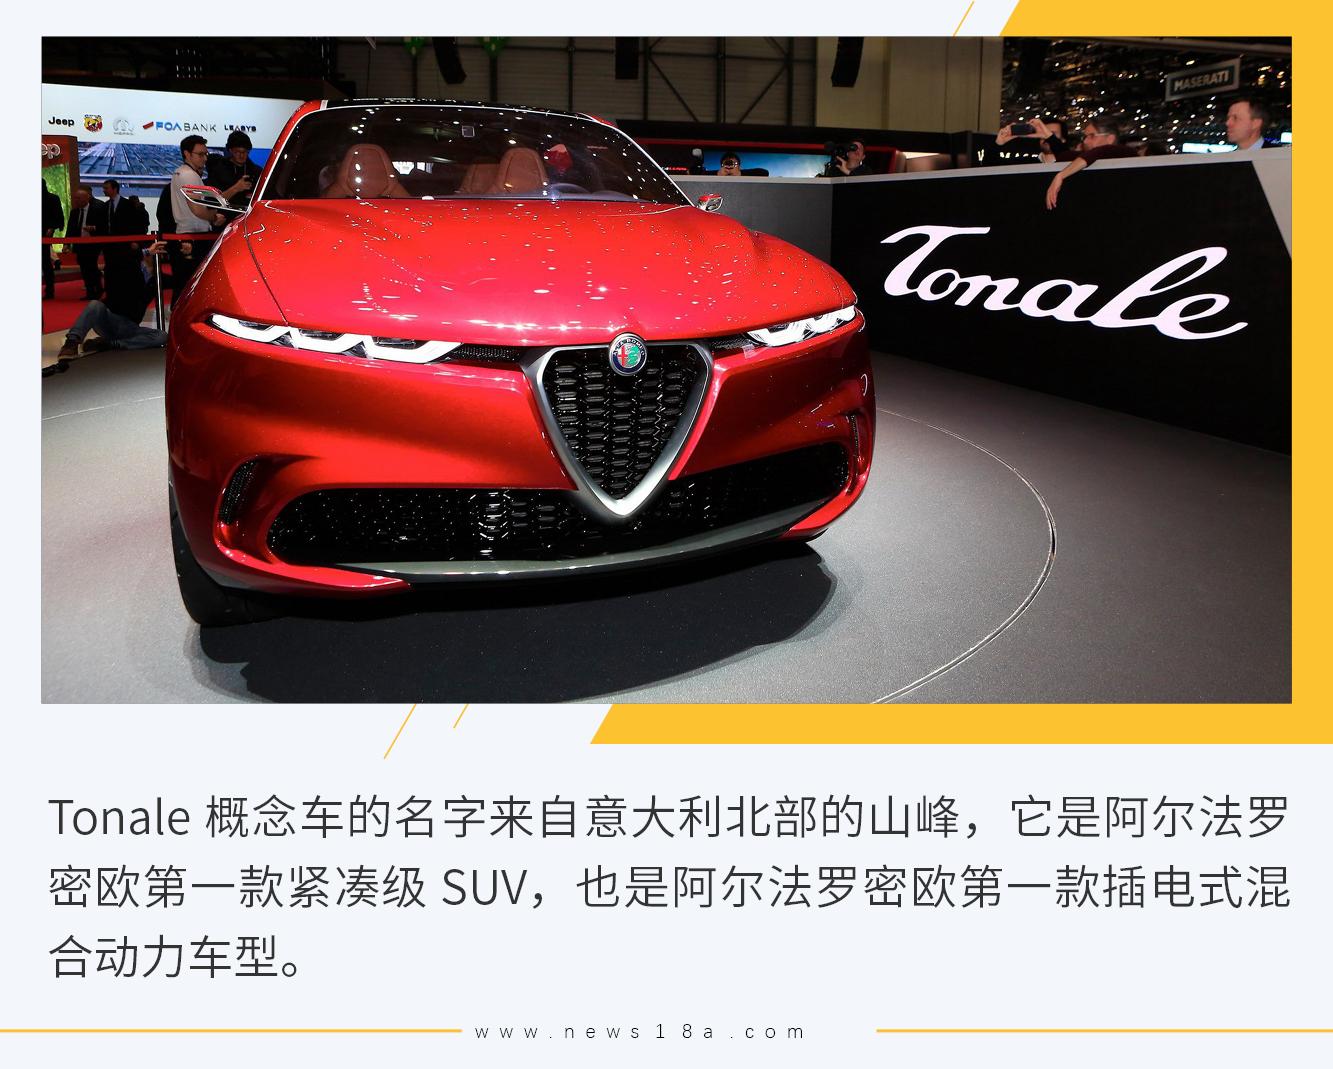 阿尔法罗密欧首款紧凑级SUV Tonale概念车亮相